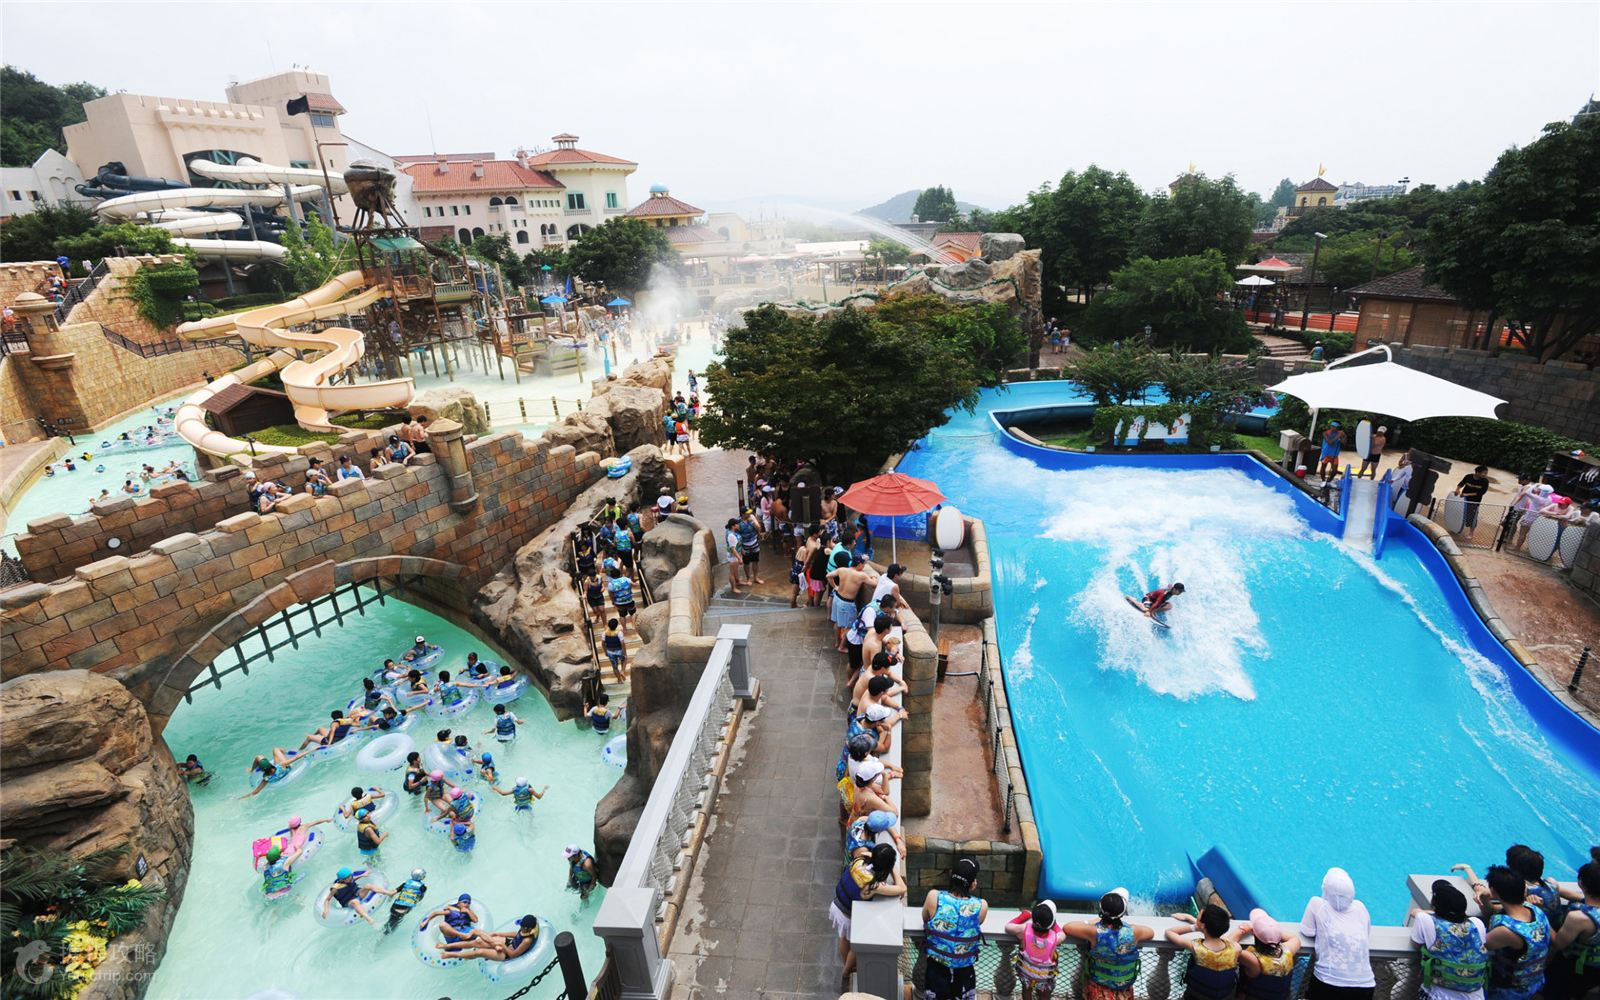 是韩国最有代表性的主题公园,由40多种游乐设施和一座综合野生动物园